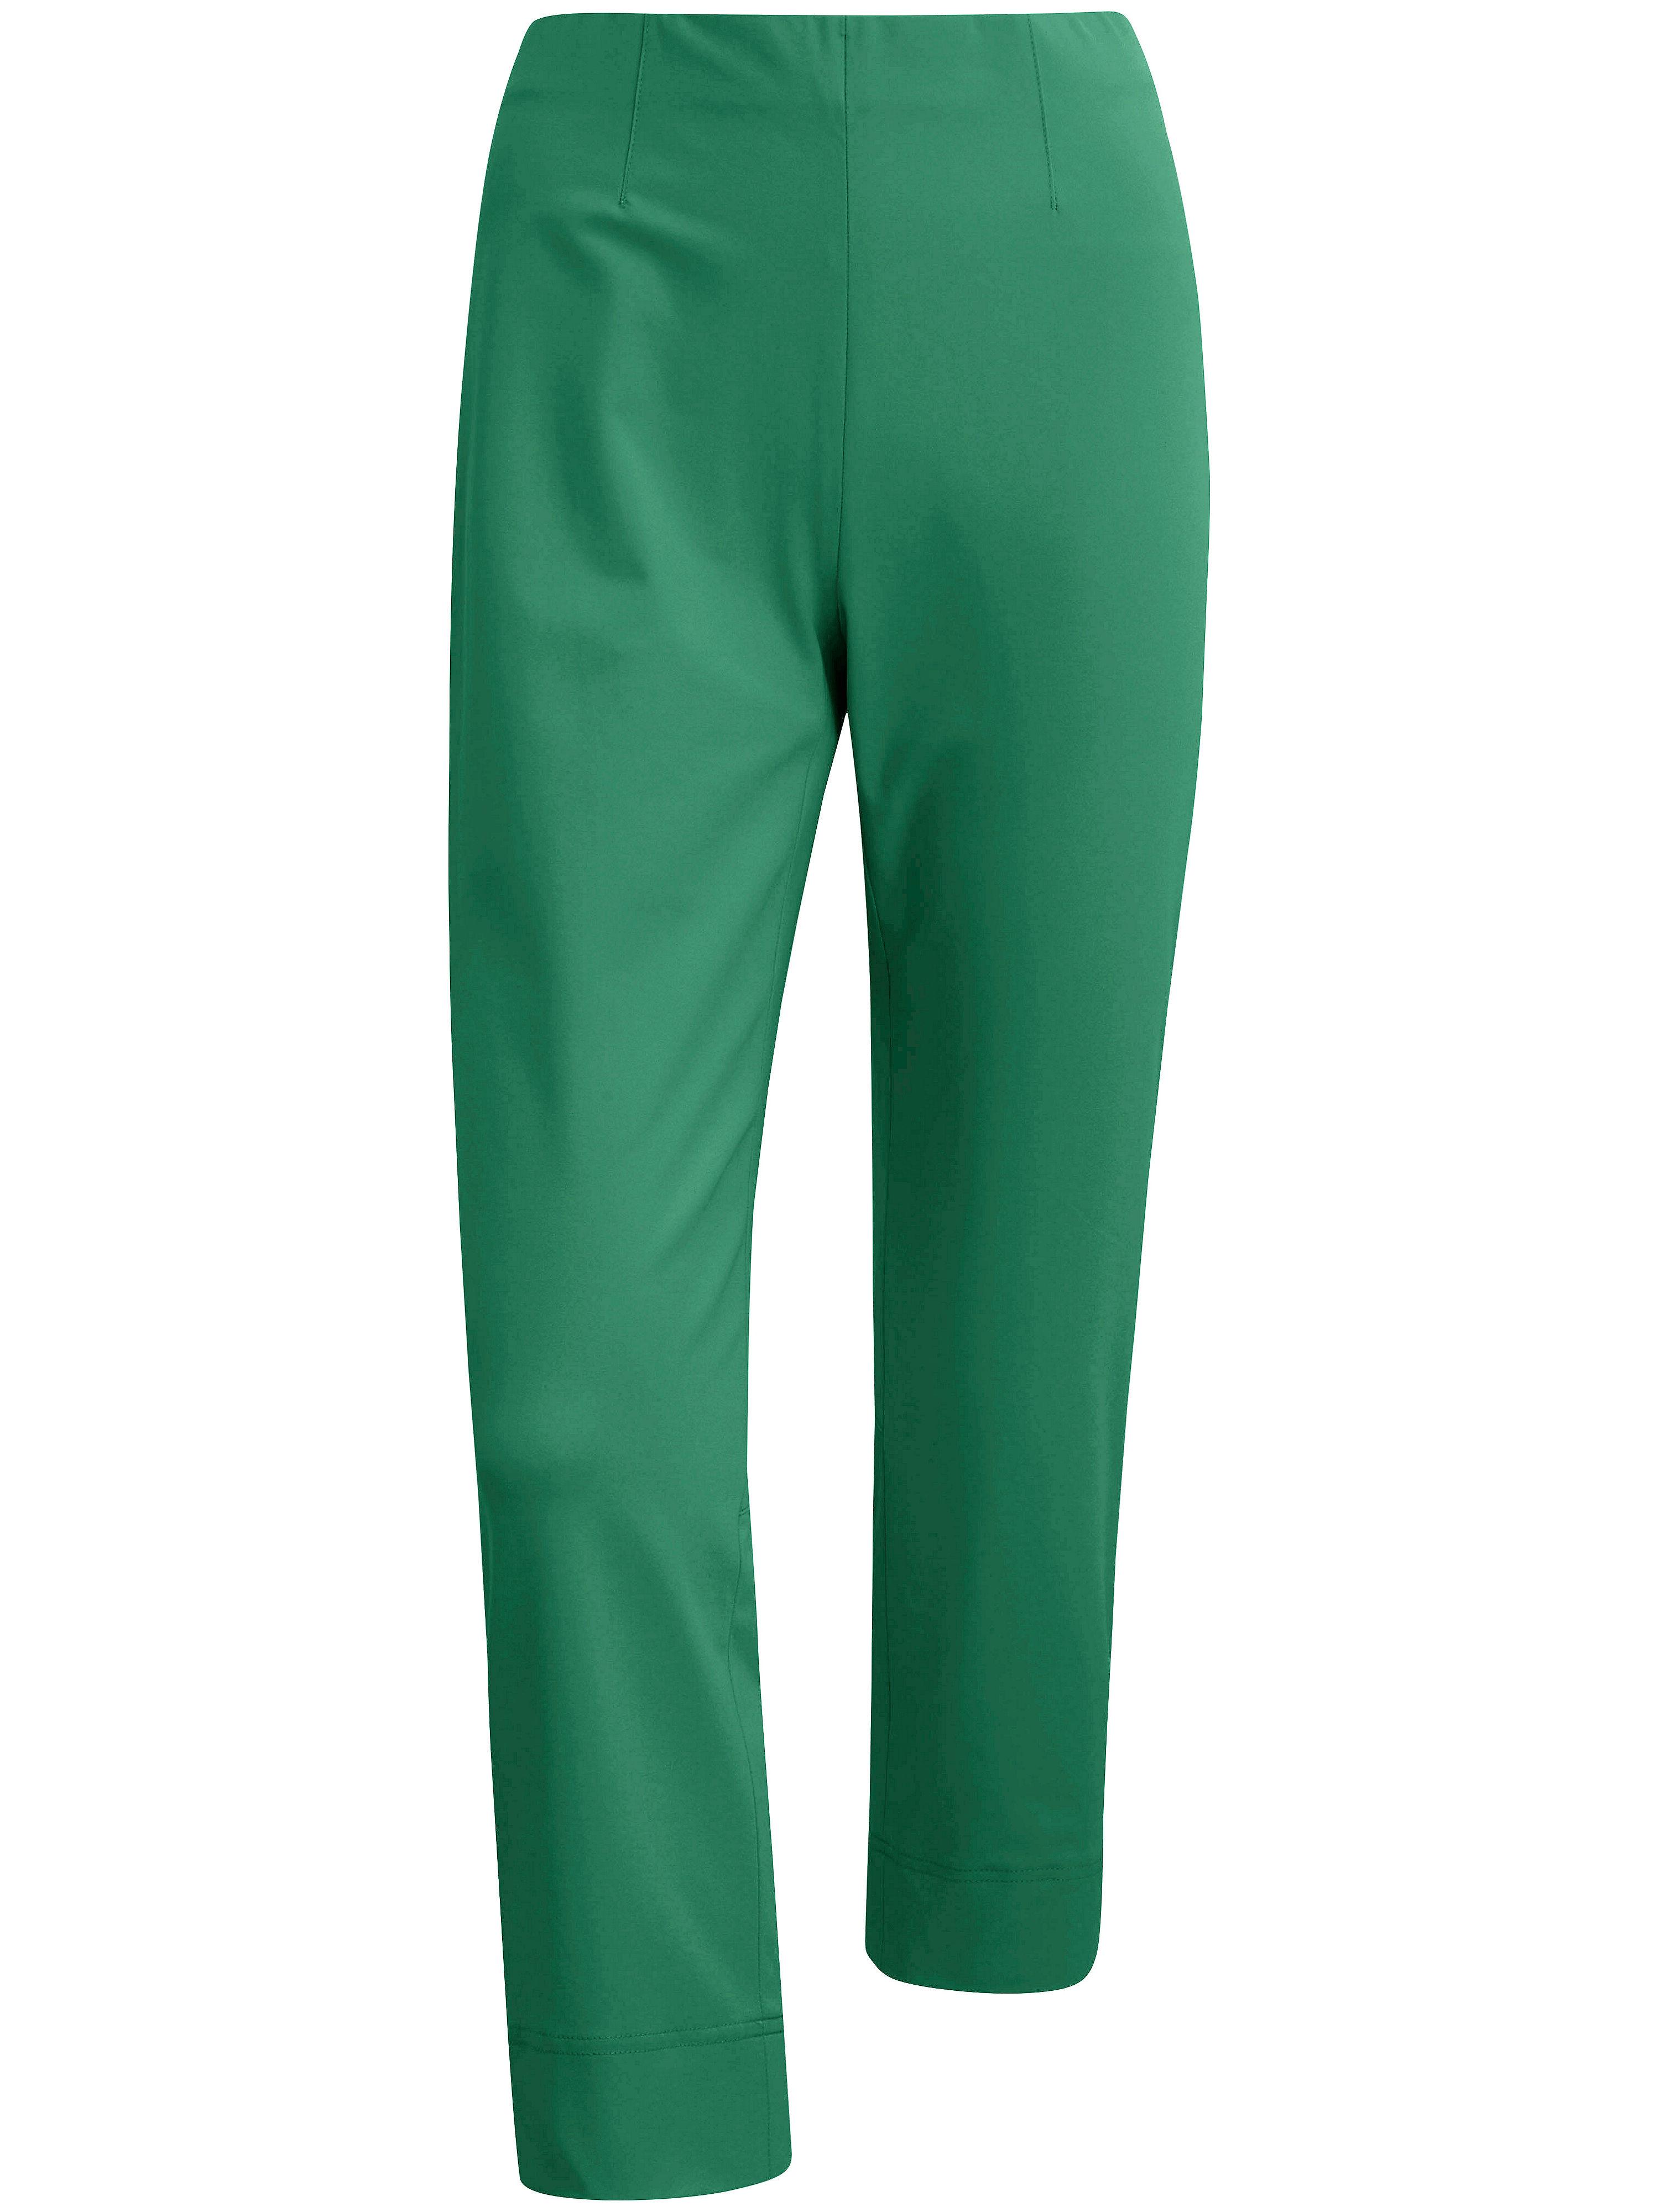 Image of   Bukser i 7/8-længde Slim Fit model Penny Fra Raffaello Rossi grøn